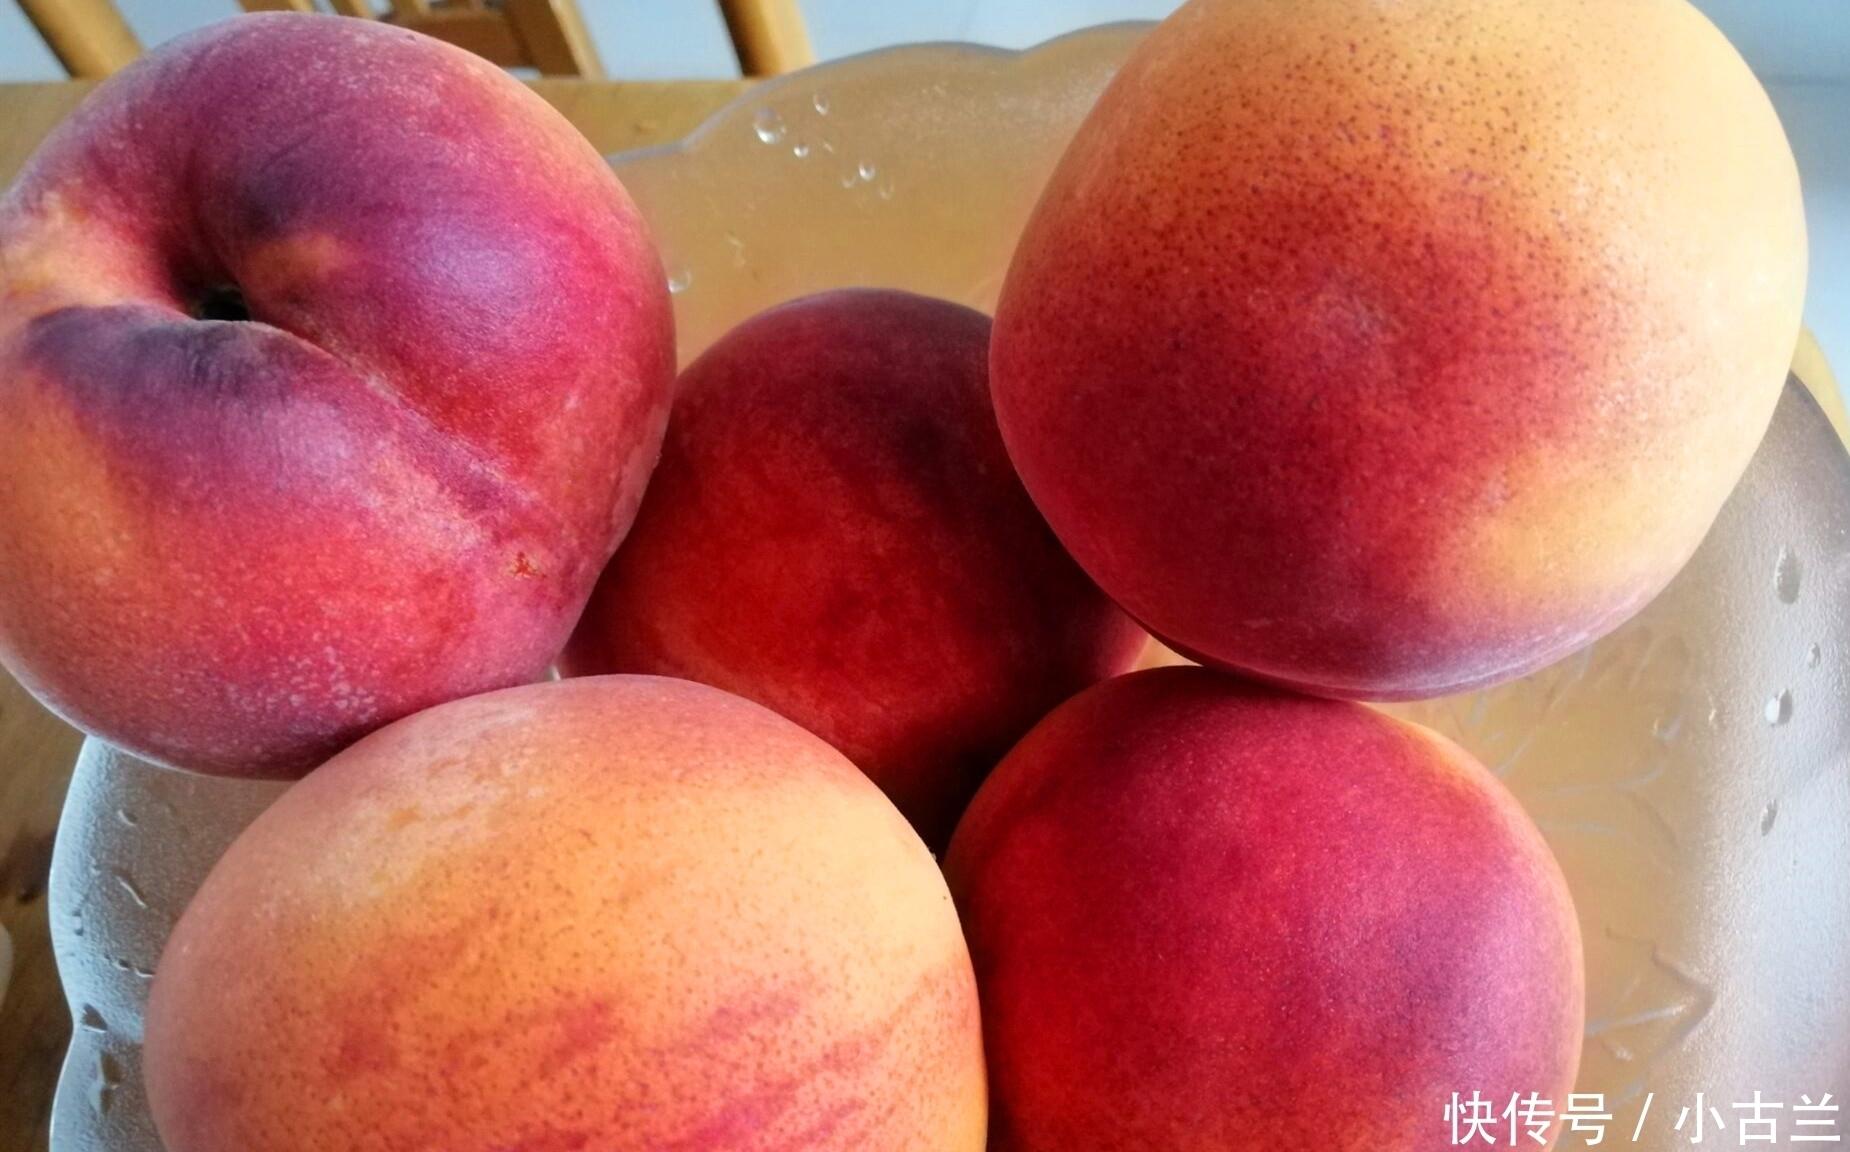 『留意』爱吃桃子的要留意了,你可能还不知道,抓紧告诉身边家里人,管用